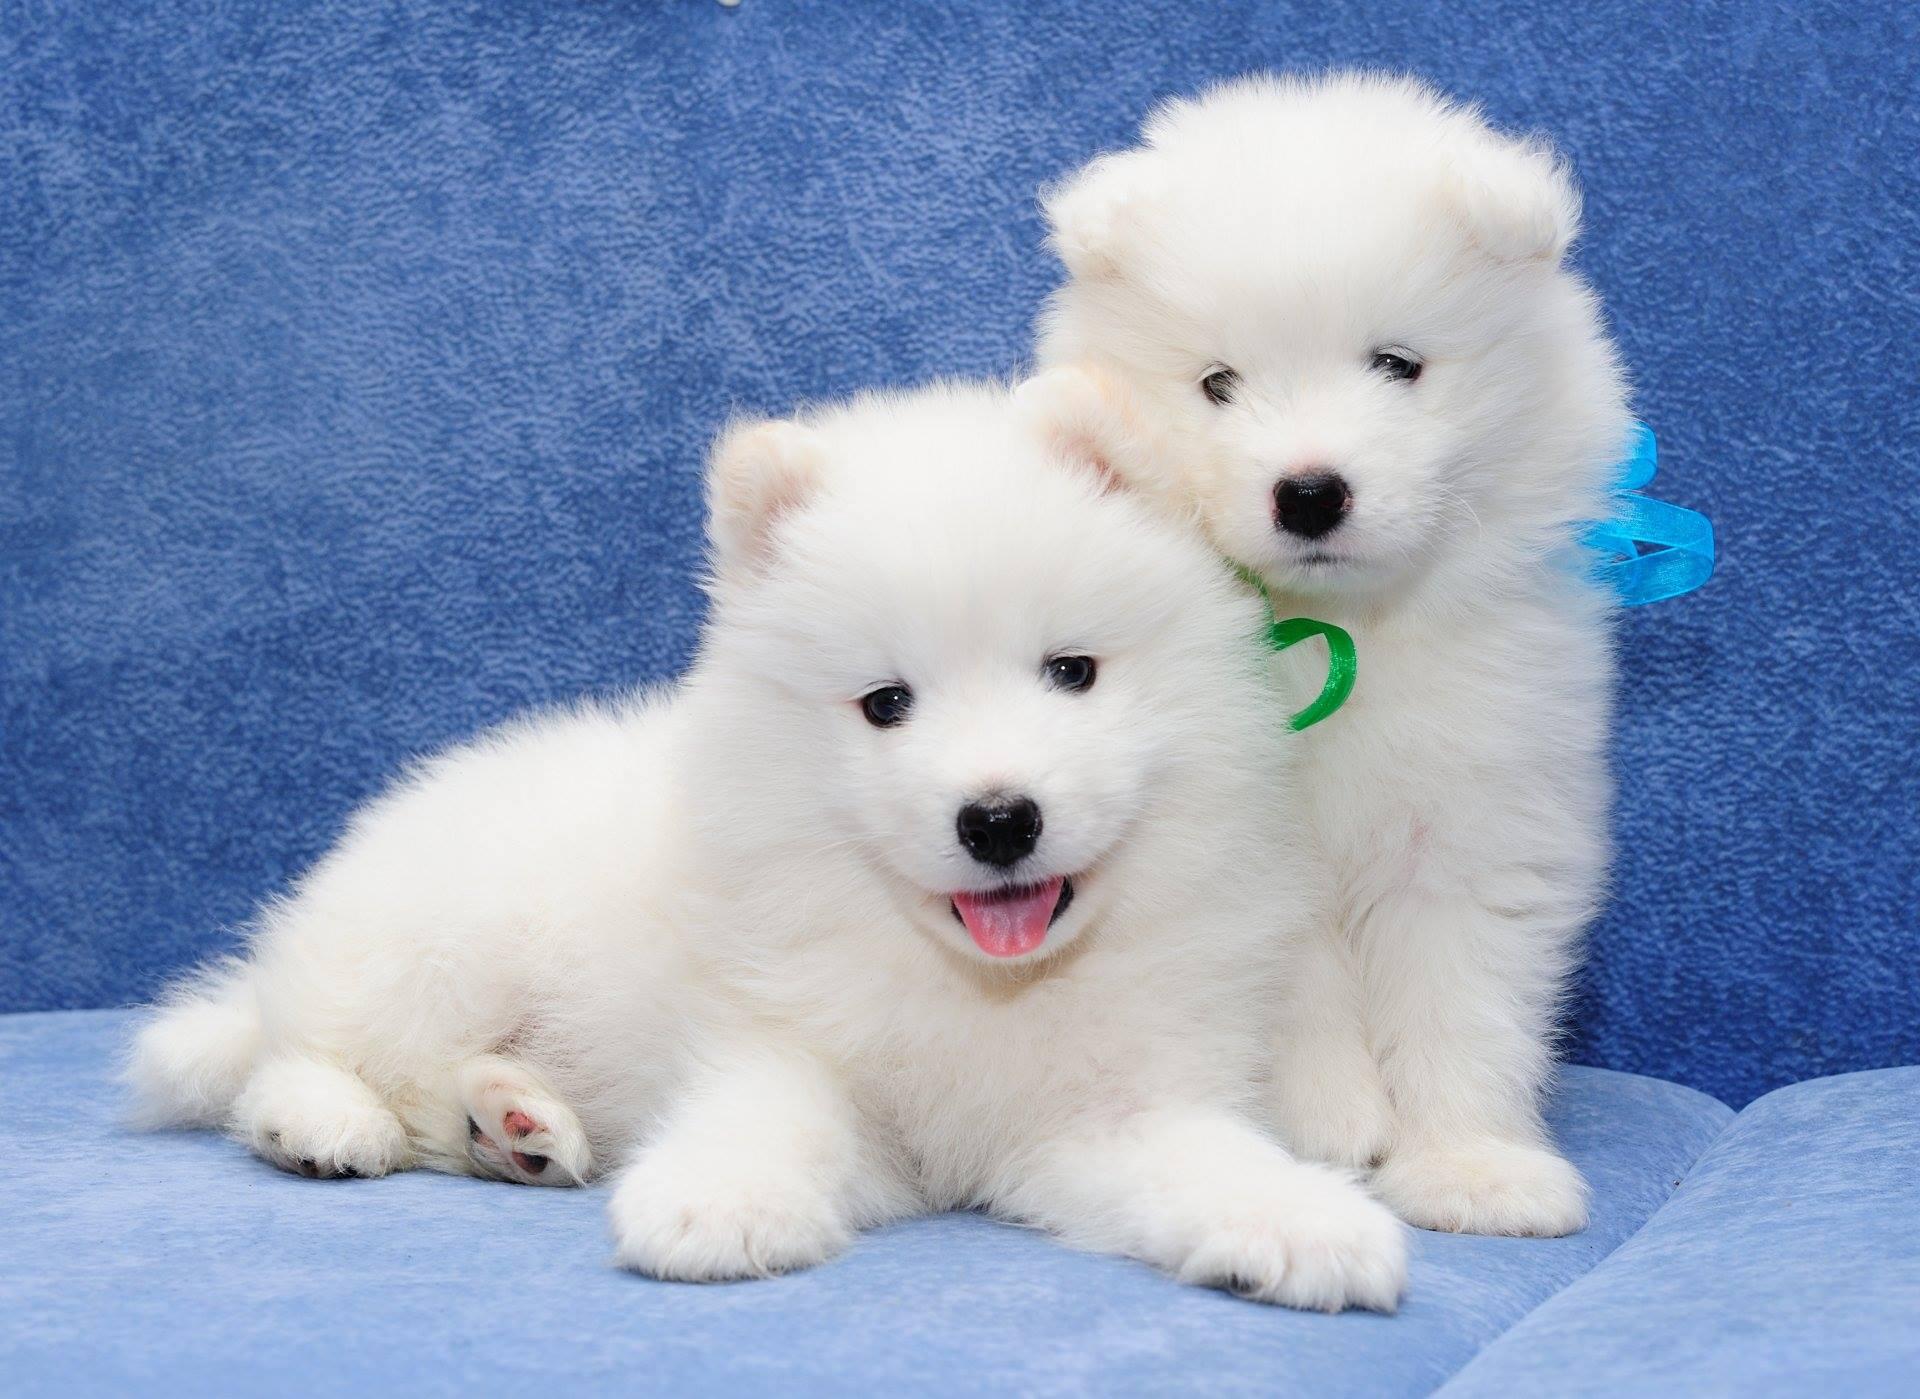 Giá trung bình cho một chú chó Samoyed khá cao